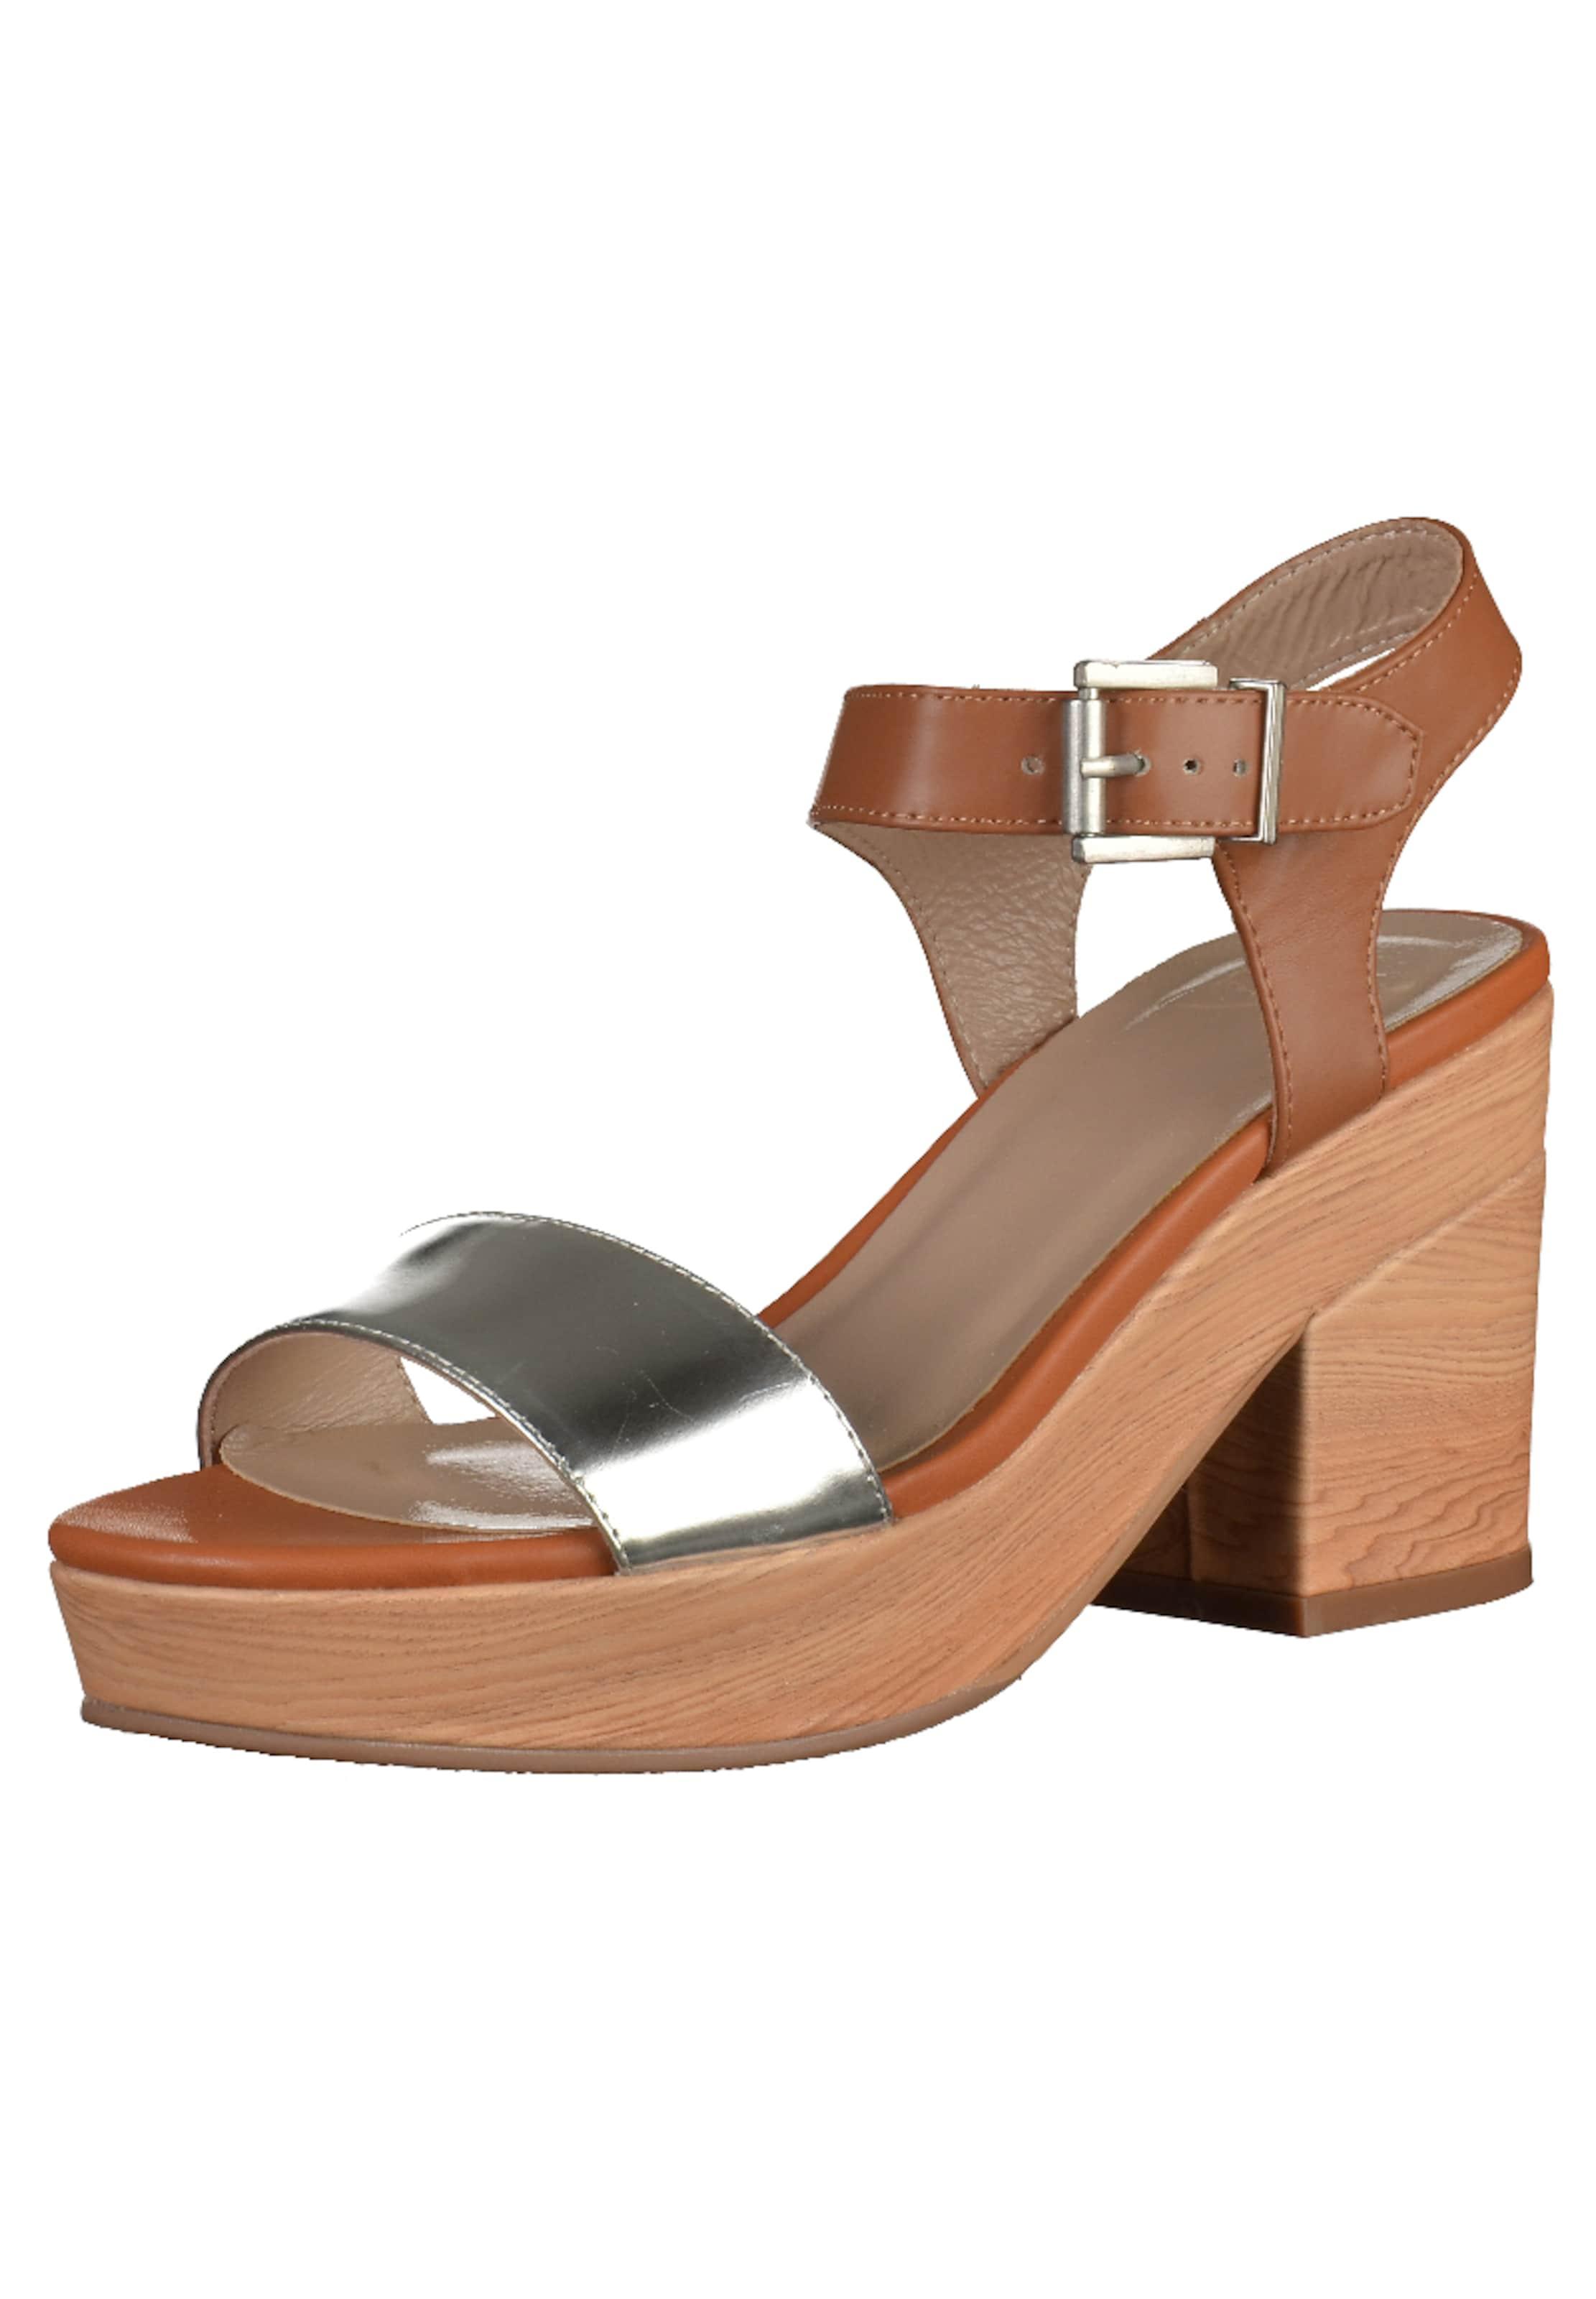 Preiswert SPM High Heel Sandalette Online-Verkauf Kauf Verkauf Online Visa-Zahlung o1SM8Yx